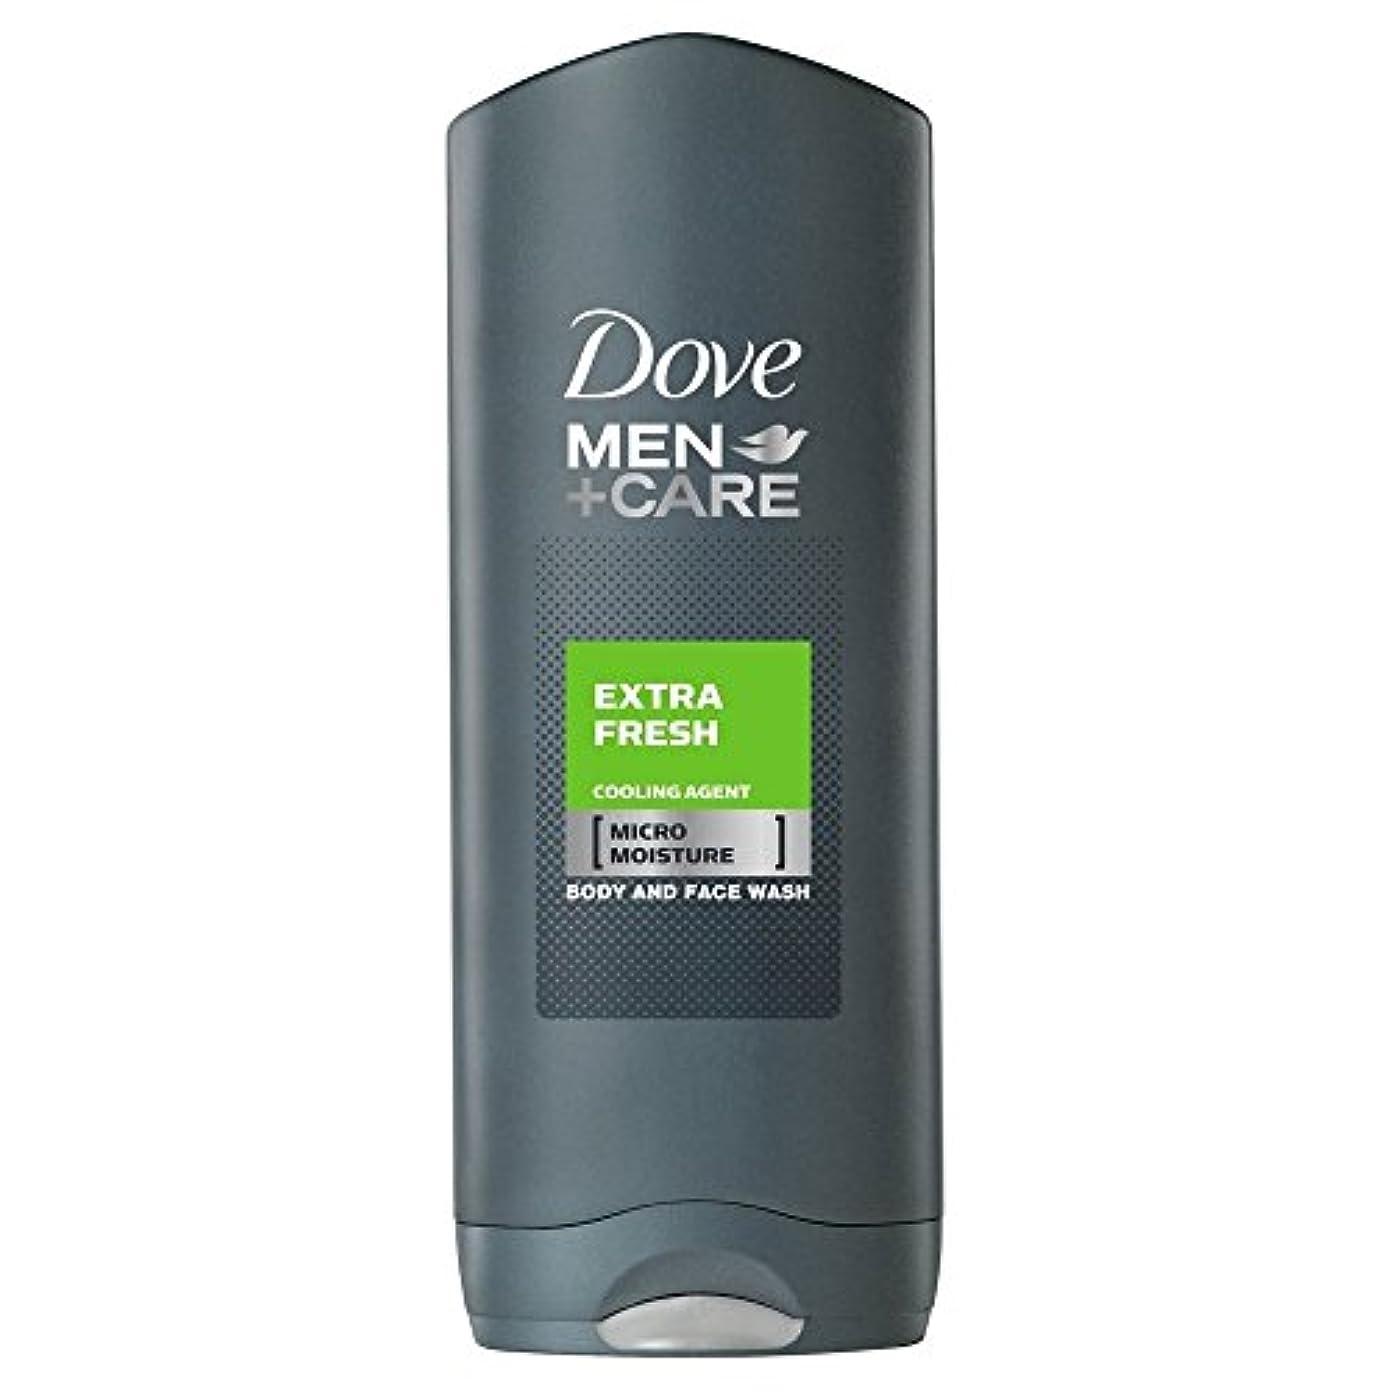 記事荒野キャンバスDove Men + Care Body & Face Wash - Extra Fresh (250ml) 鳩の男性は+ボディと洗顔ケア - 余分な新鮮な( 250ミリリットル)を [並行輸入品]